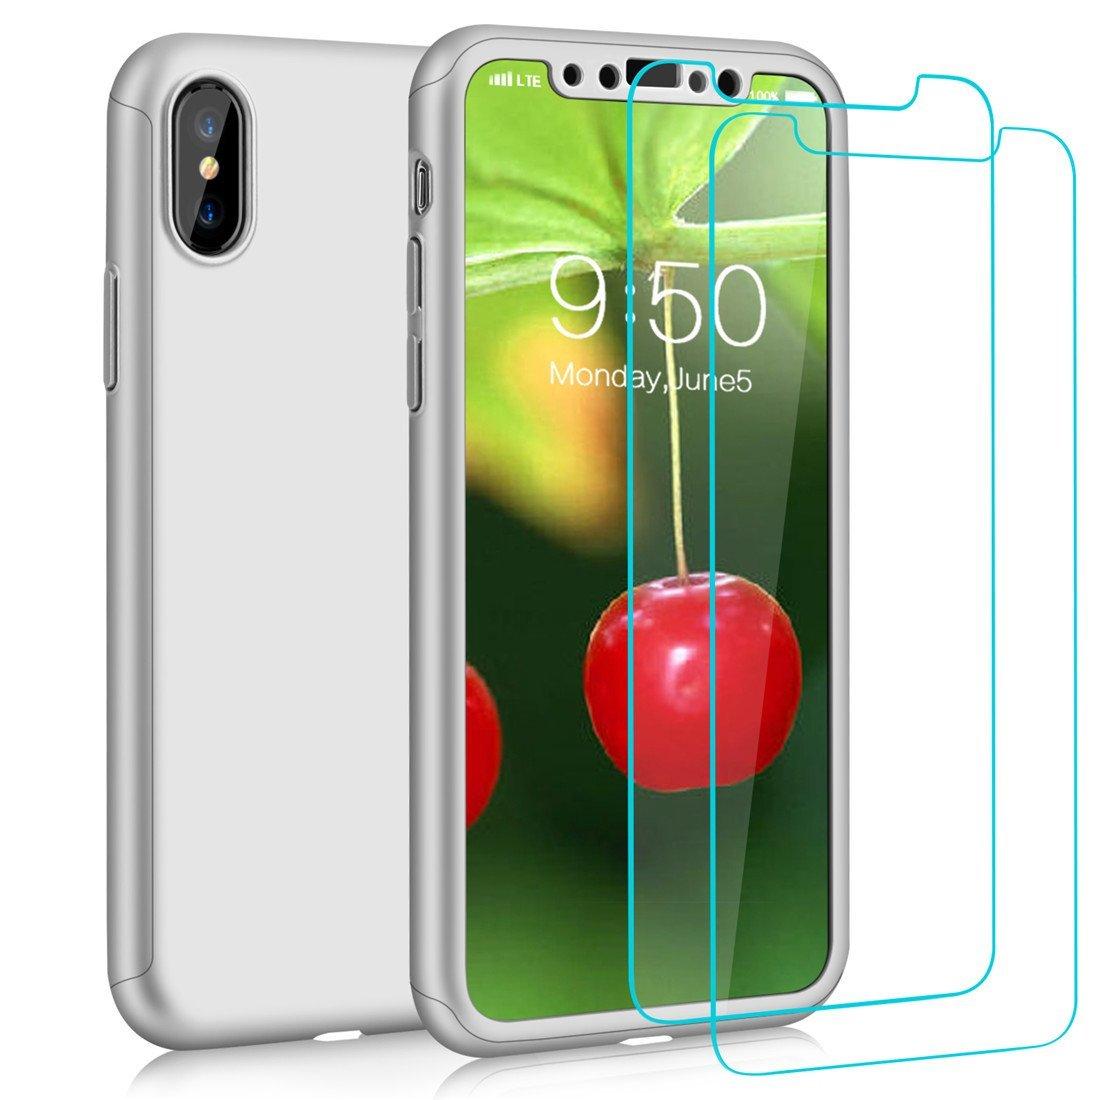 Coque Iphone X intégrale 360° argent + film en verre trempé